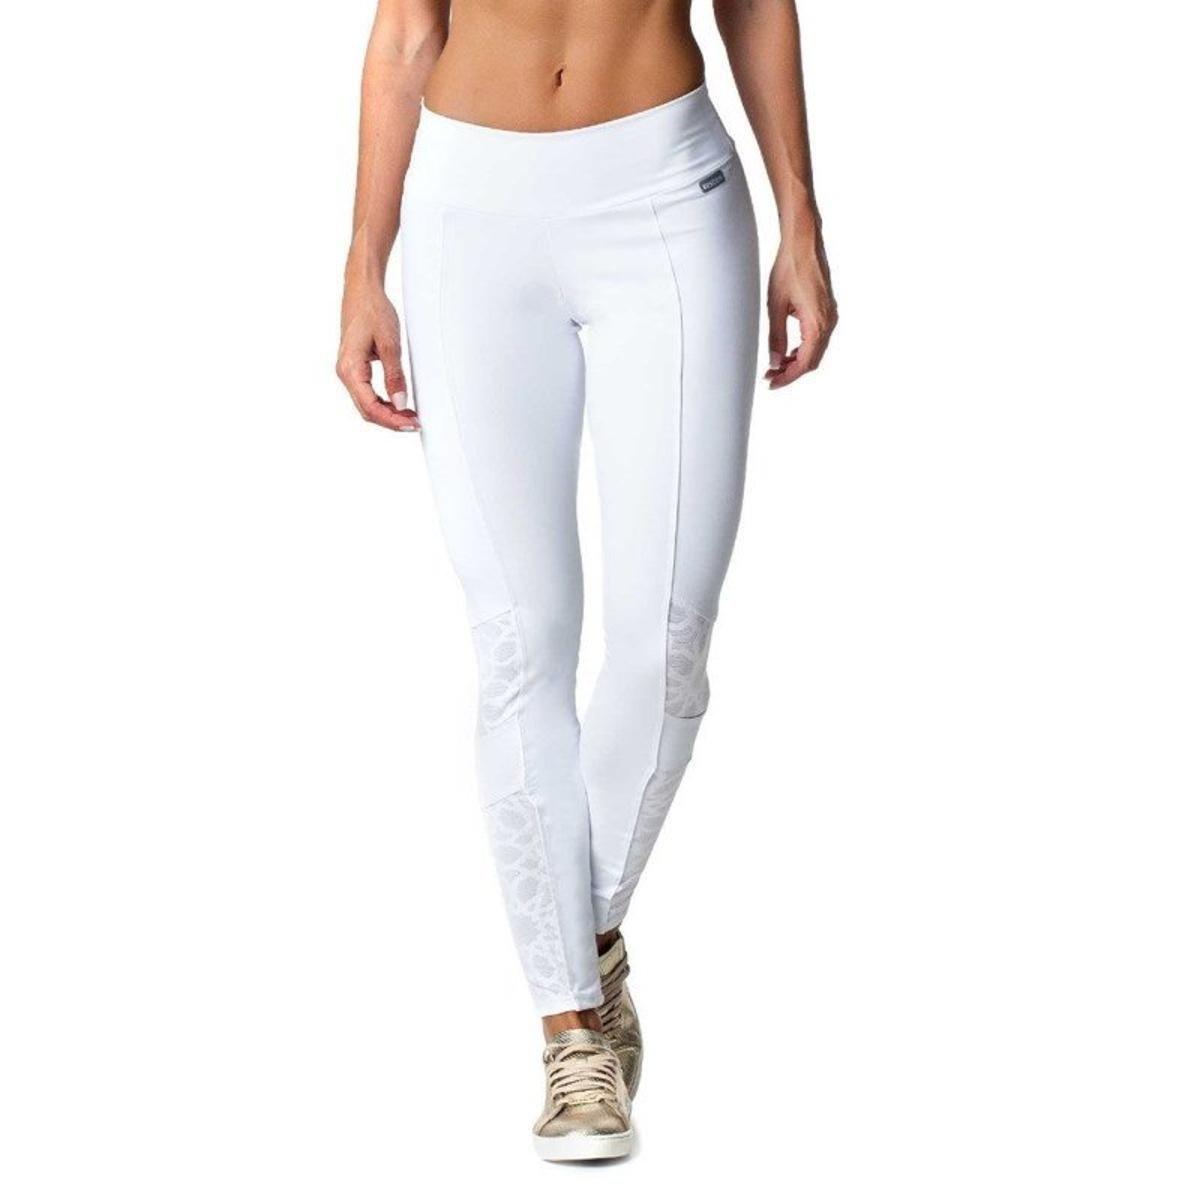 Mandala Vestem Calça Calça Calça Fuso Fuso Branco Vestem 383 383 Mandala Branco Mandala 383 Fuso BSOcZpnZW